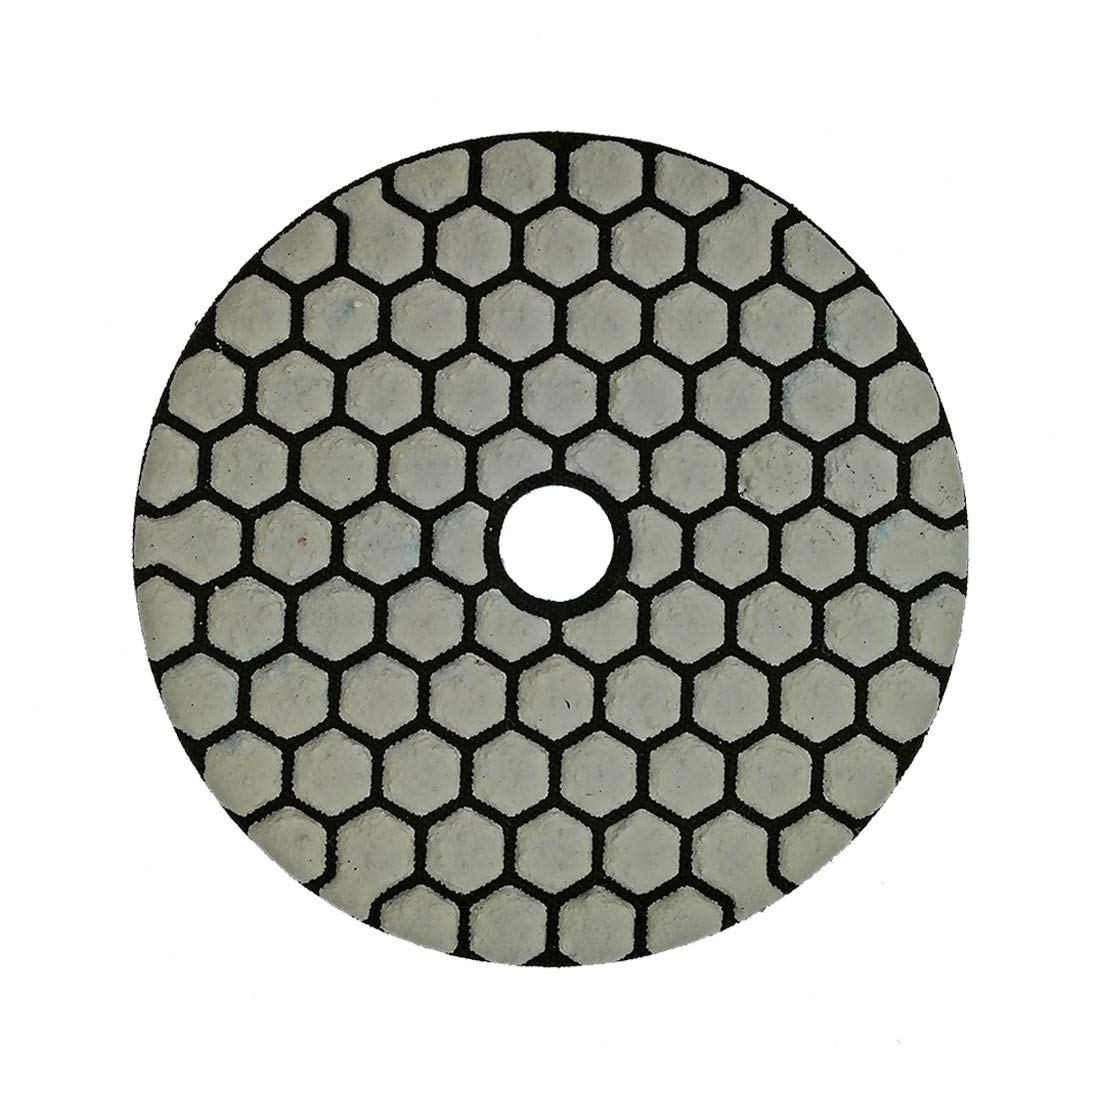 SHDIATOOL Diamante Lucidatura Pad 7 Pezzi Grana 800 per Lucidare a Secco Marmo Granito Pietra Ceramica Dia 100mm//4 Pollici